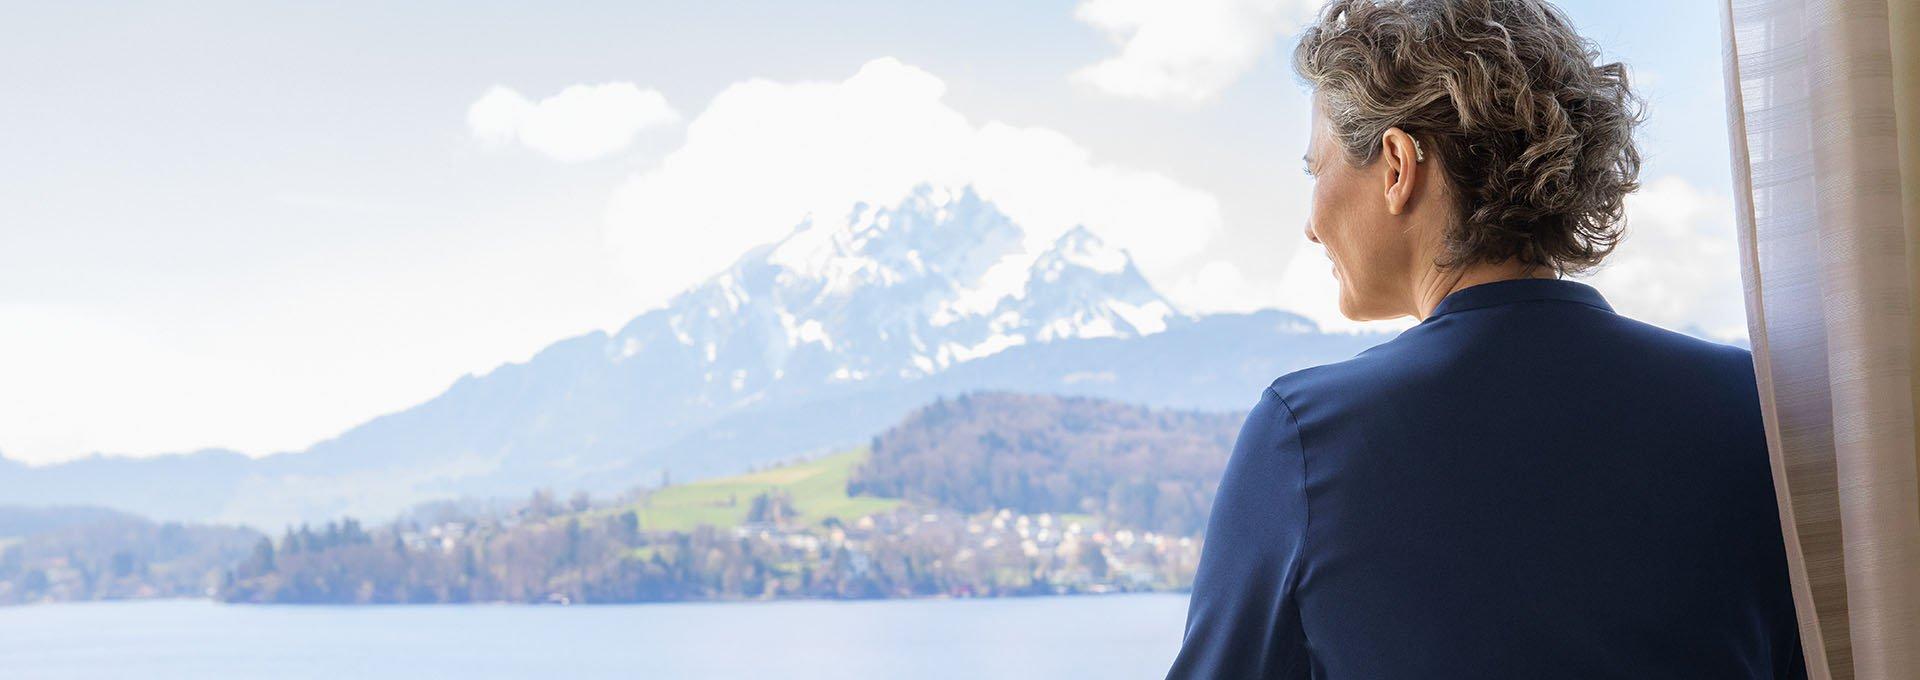 Femme portant des aides auditives rechargeables Bernafon Alpha et qui profite de la vue sur le lac suisse et les montagnes depuis la fenêtre d'un hôtel.